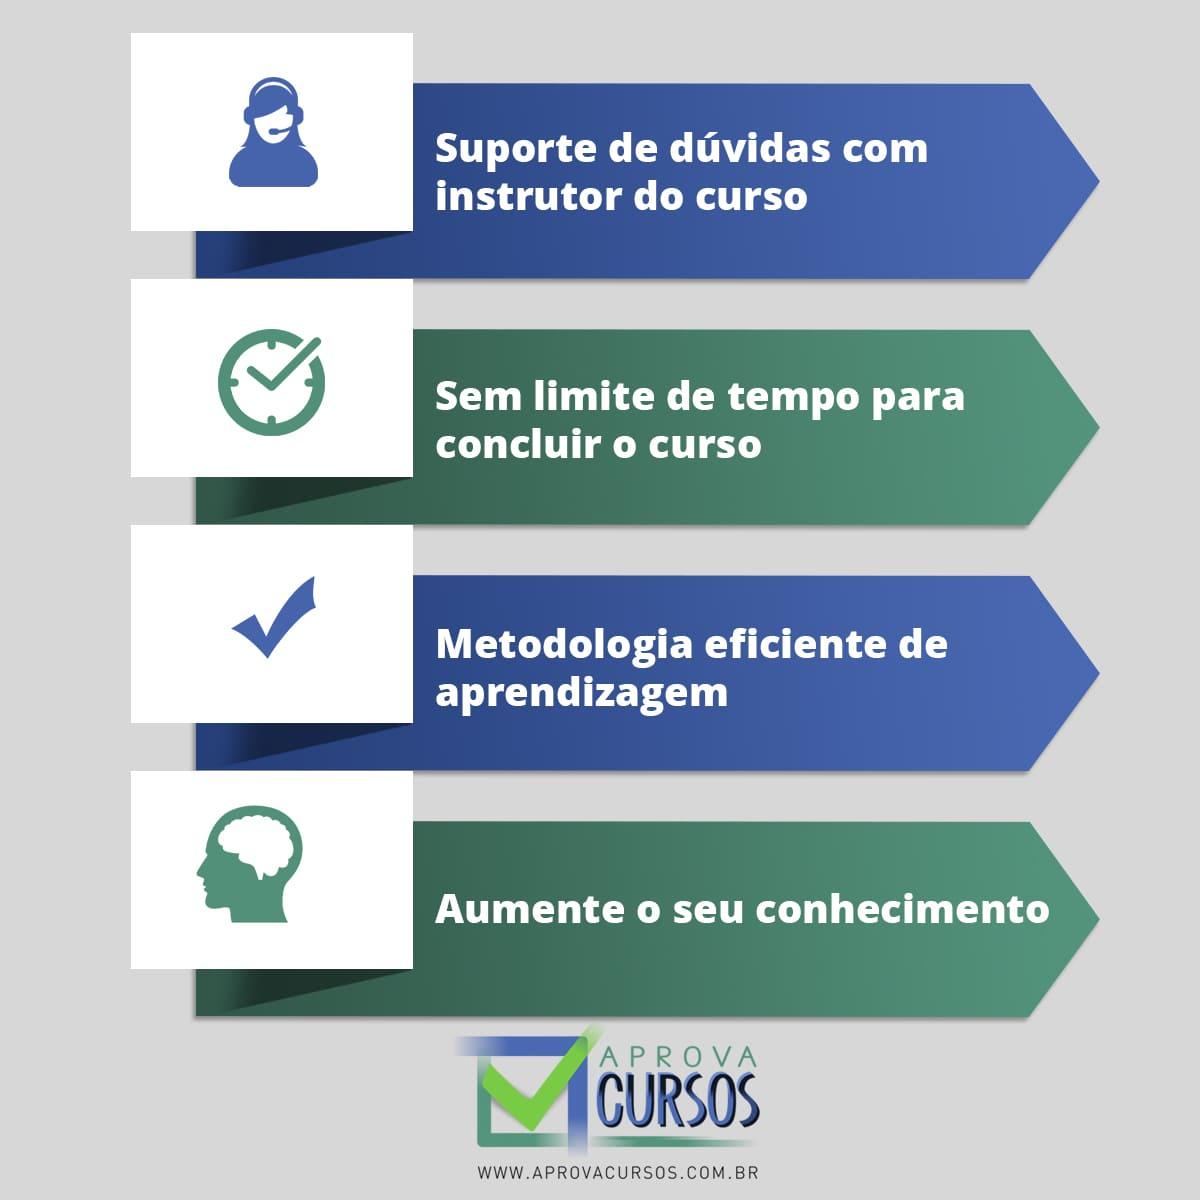 Curso Online de Administração Pública com Certificado  - Aprova Cursos